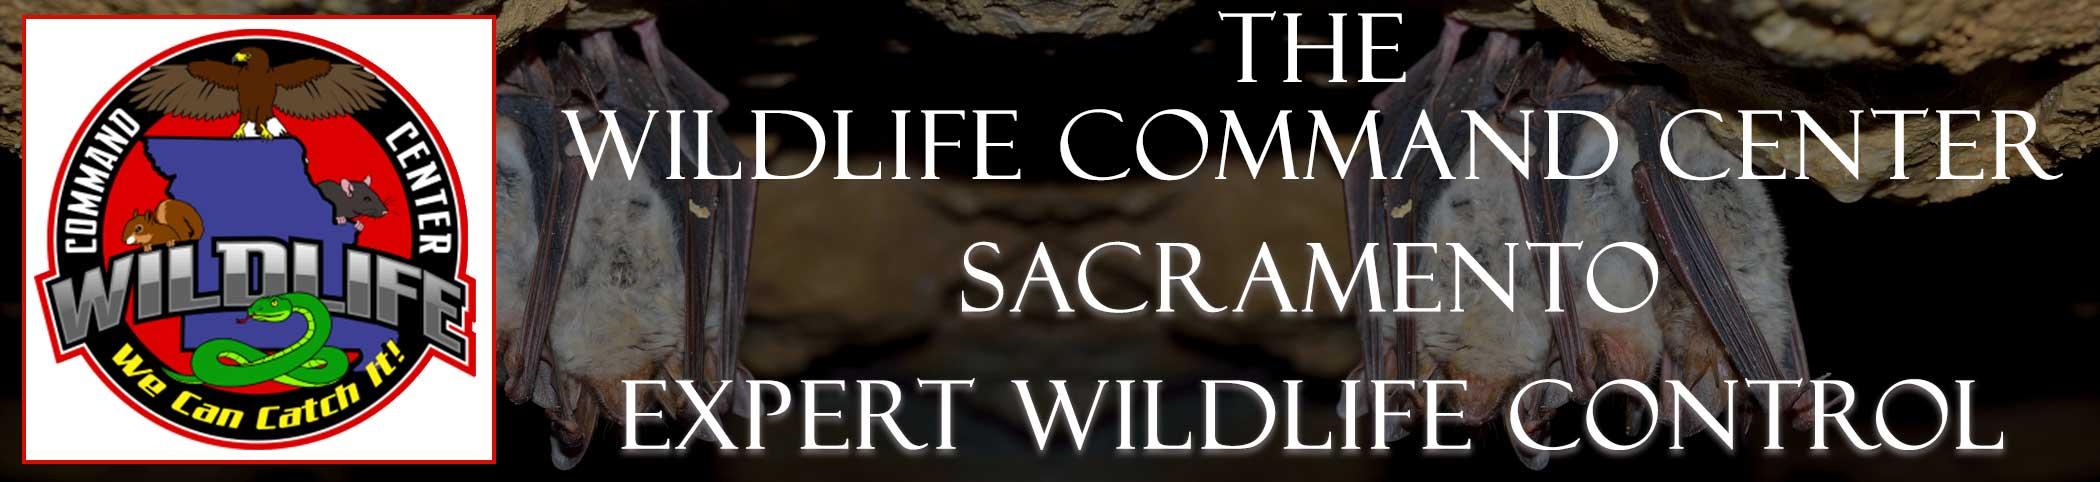 sacramento-wildlife-command-center